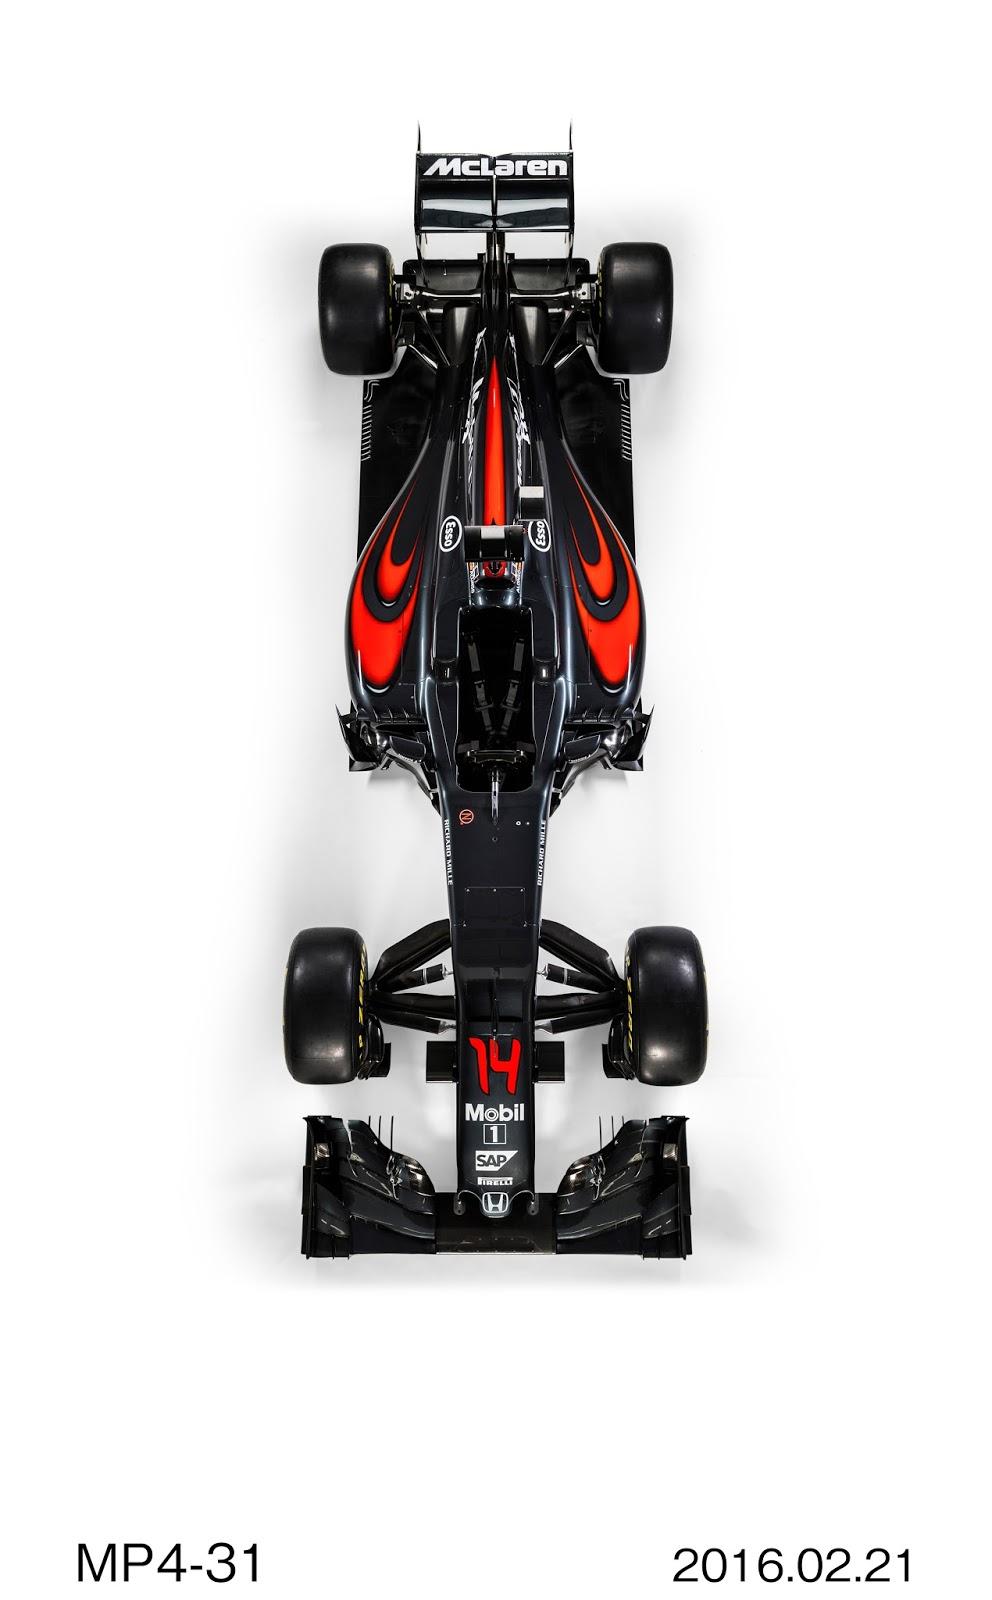 c160221 003H Η McLaren-Honda αποκάλυψε το νέο μονοθέσιο, την MP4-31 Formula 1, McLaren-Honda, McLaren-Honda MP4-31